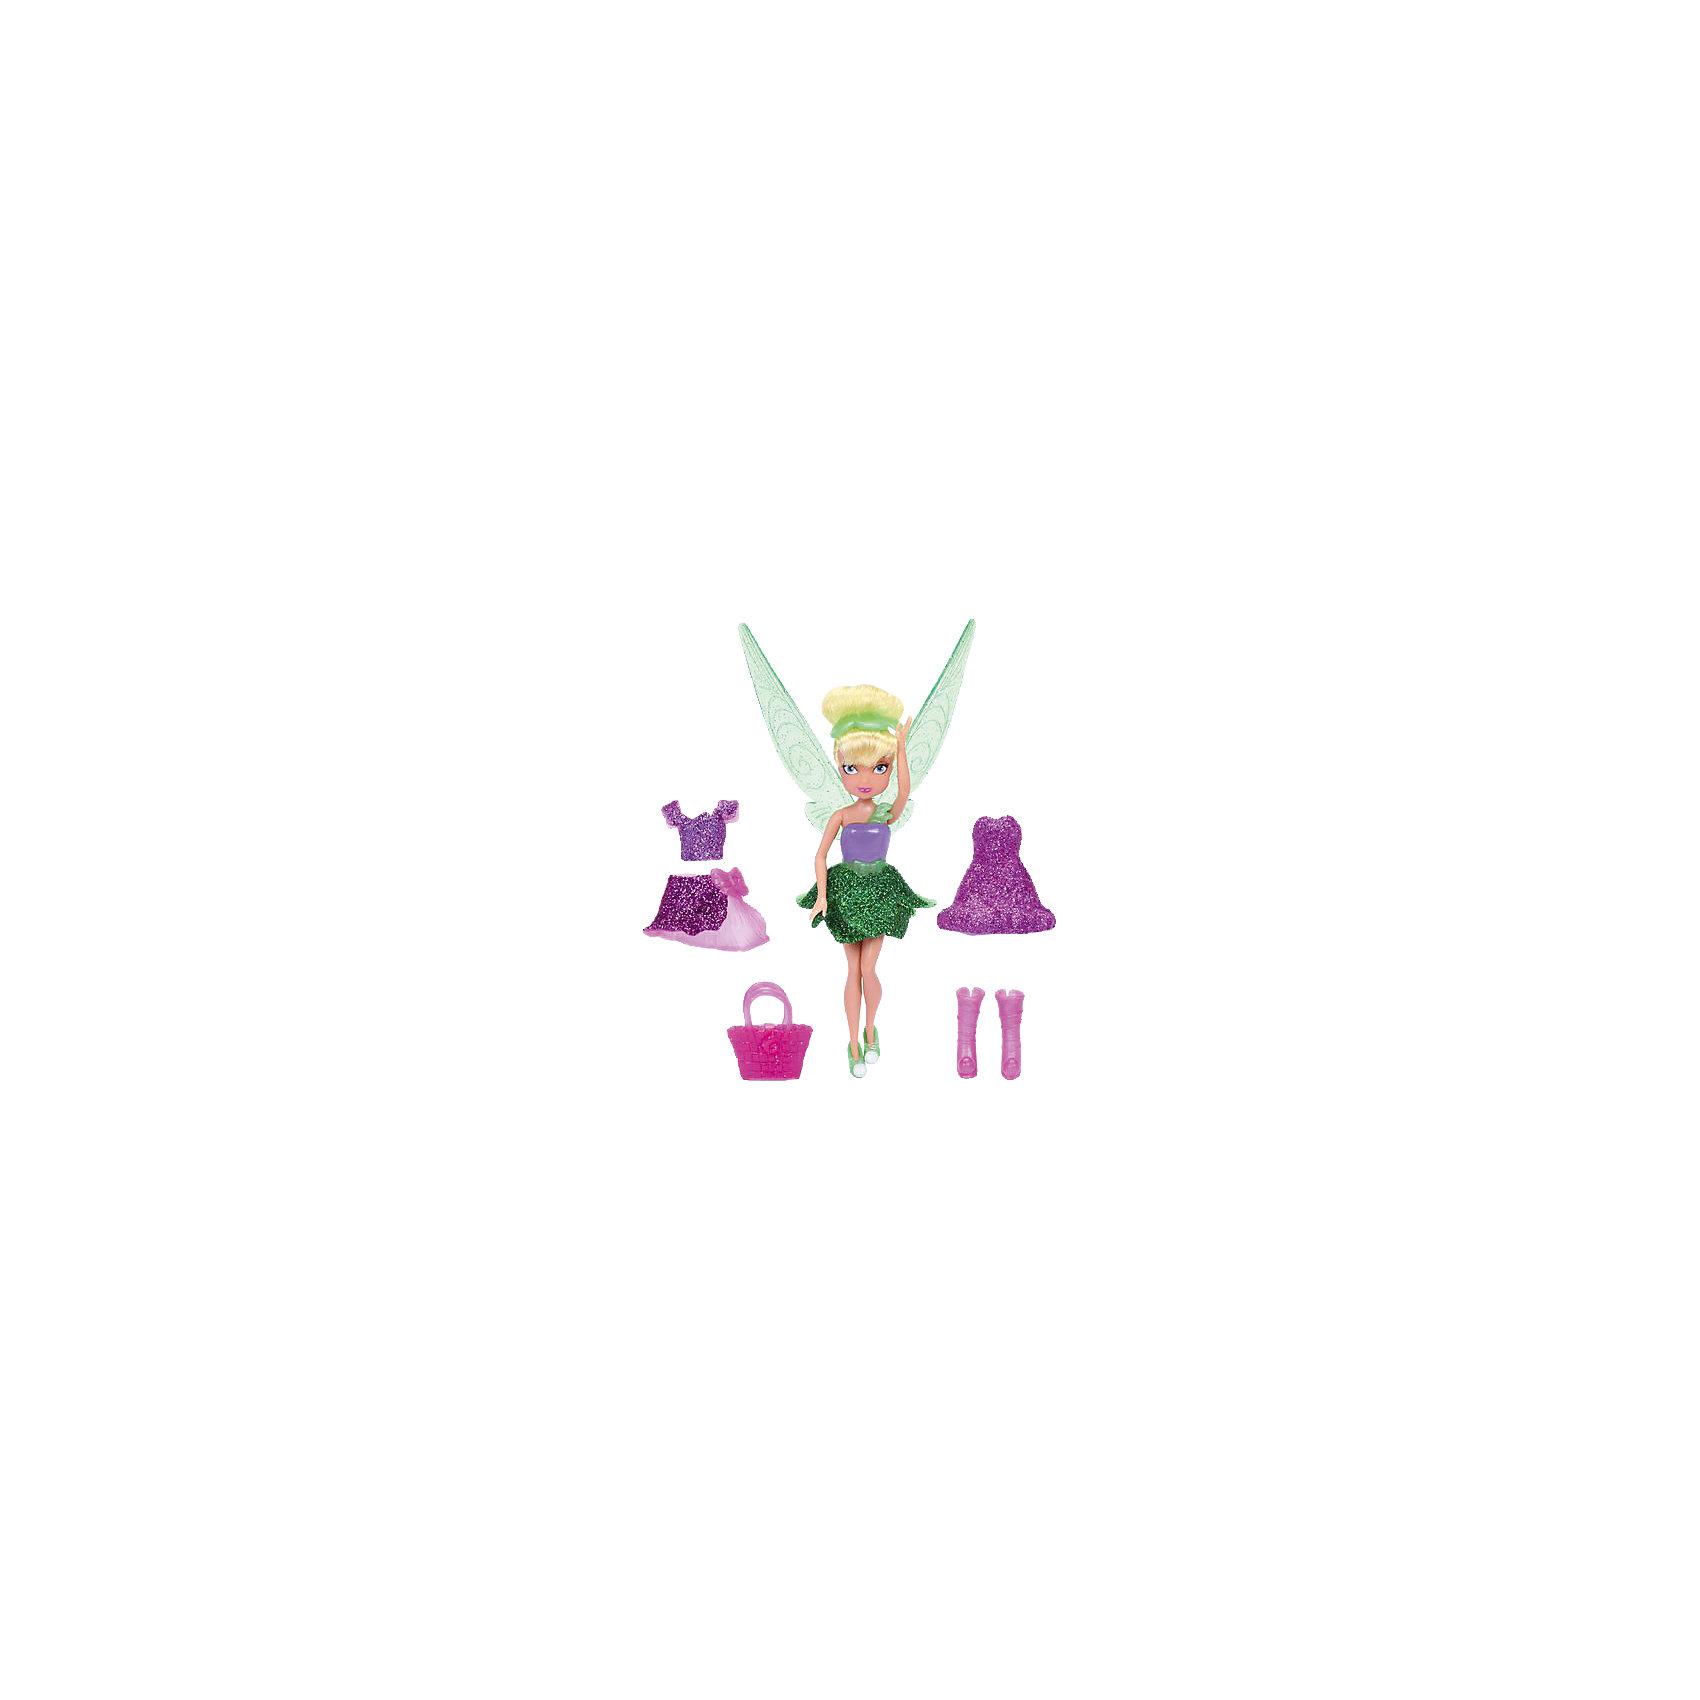 Мини-игровой набор Фея, Феи ДиснейИгрушки<br>Игровой набор Disney Fairies включает 1 куколку фею и набор одежды для нее. Платья и юбочки покрыты блестками, все цвета гармонично сочетаются друг с другом.<br><br>Дополнительная информация:<br><br>В комплект входит 2 платья<br>1 сумочка<br>1 сапожки<br>1 туфельки<br>1 топик<br>1 юбочка<br>Высота куклы - 11 см.<br><br>ВНИМАНИЕ! Данный артикул представлен в разных вариантах исполнения (В ассортименте 3 куклы на выбор: фея Динь-Динь, Розетта, Серебрянка). К сожалению, заранее выбрать определенный вариант невозможно. При заказе нескольких наборов возможно получение одинаковых.<br><br>Мини-игровой набор Фея, Disney Fairies можно купить в нашем магазине.<br><br>Ширина мм: 170<br>Глубина мм: 205<br>Высота мм: 50<br>Вес г: 168<br>Возраст от месяцев: 36<br>Возраст до месяцев: 120<br>Пол: Женский<br>Возраст: Детский<br>SKU: 4135938